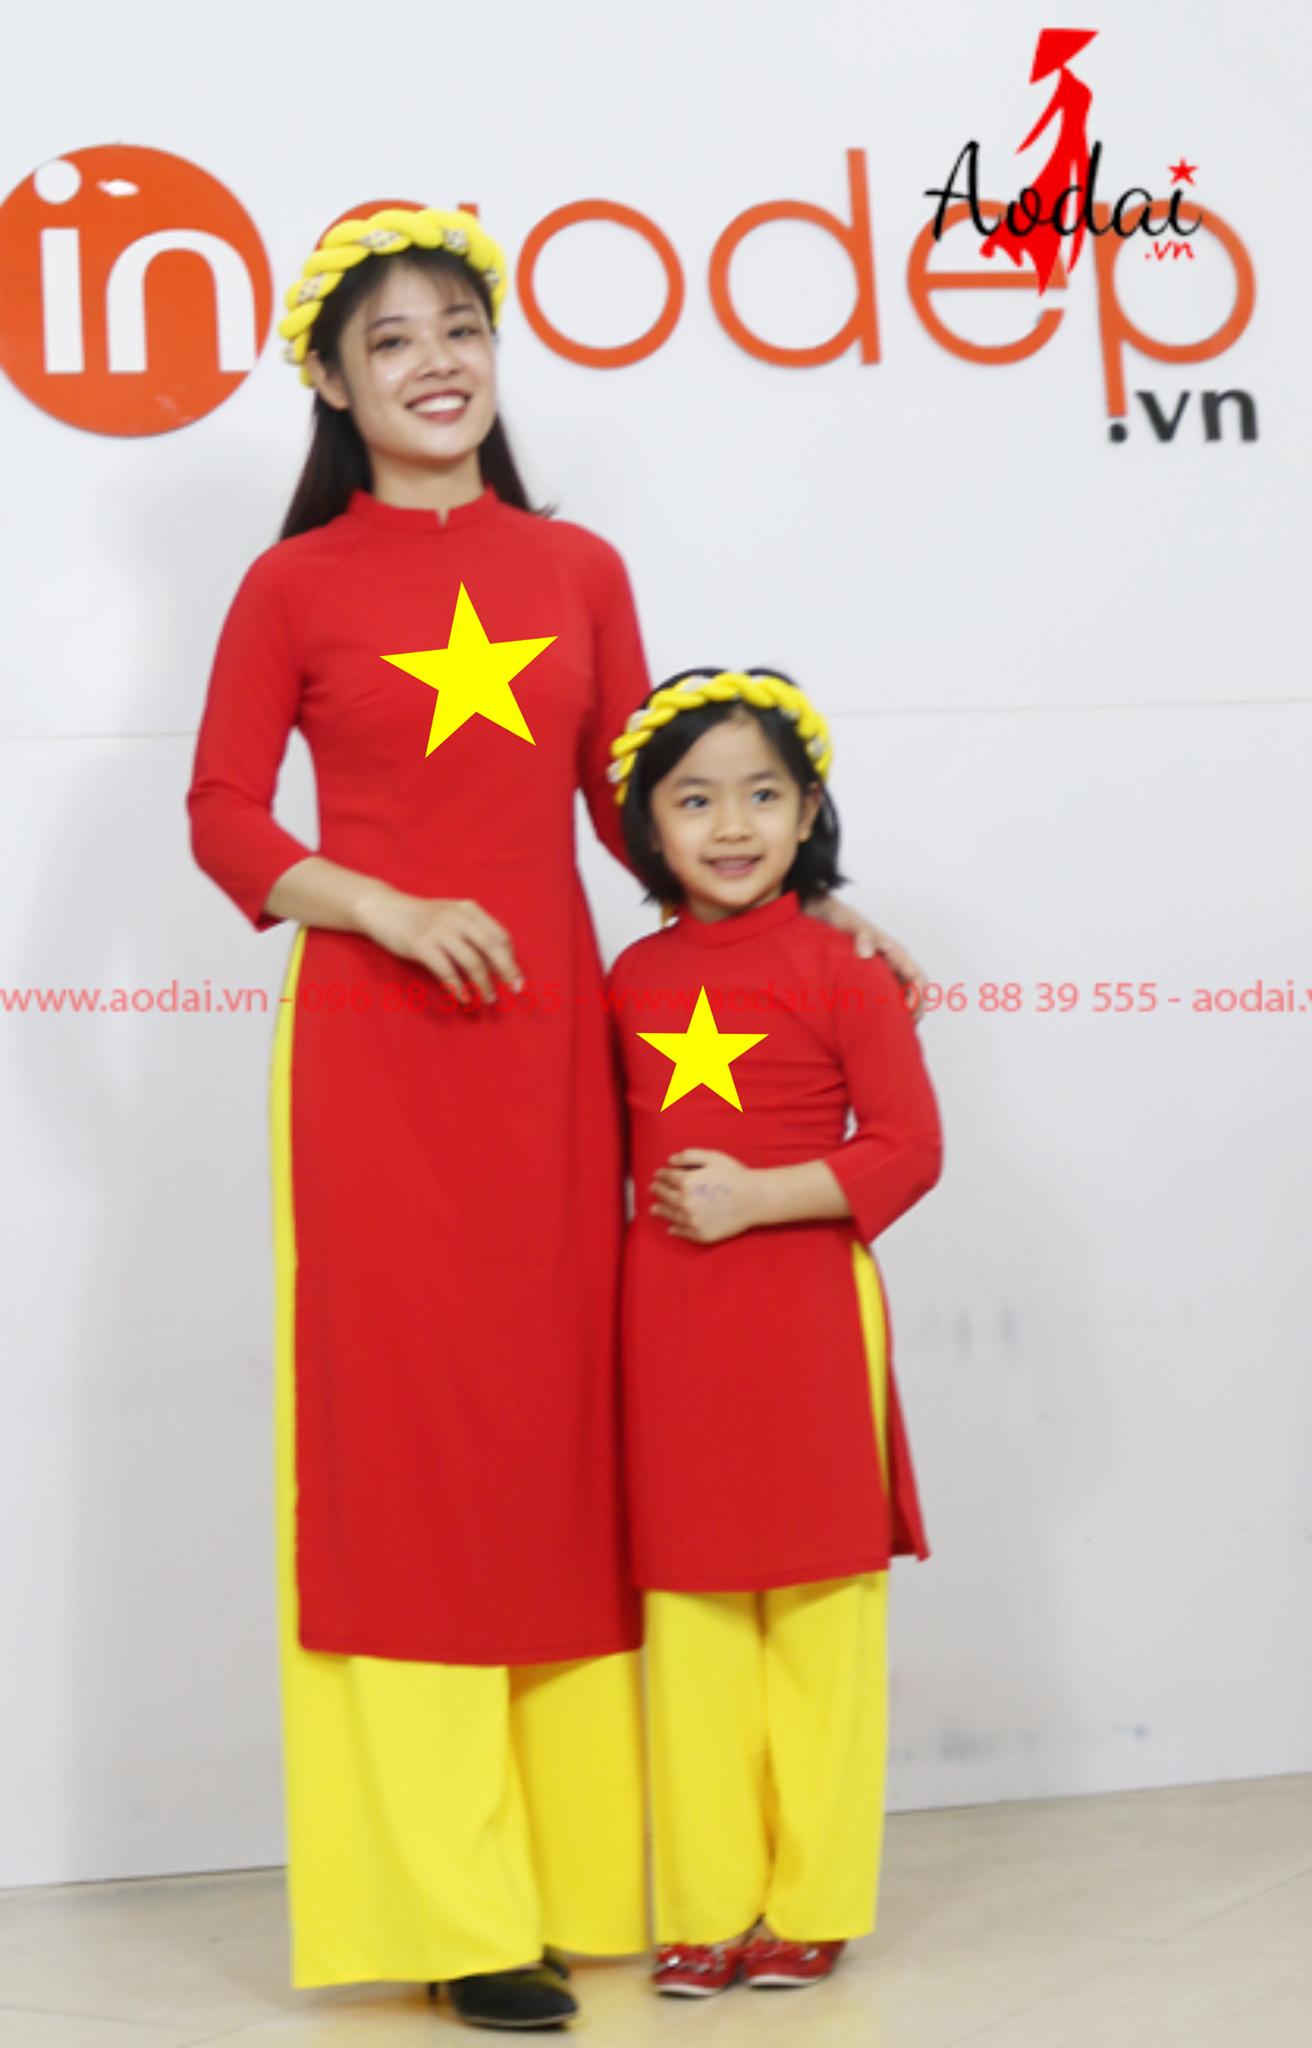 Áo dài cách tân cờ đỏ sao vàng cho mẹ và bé